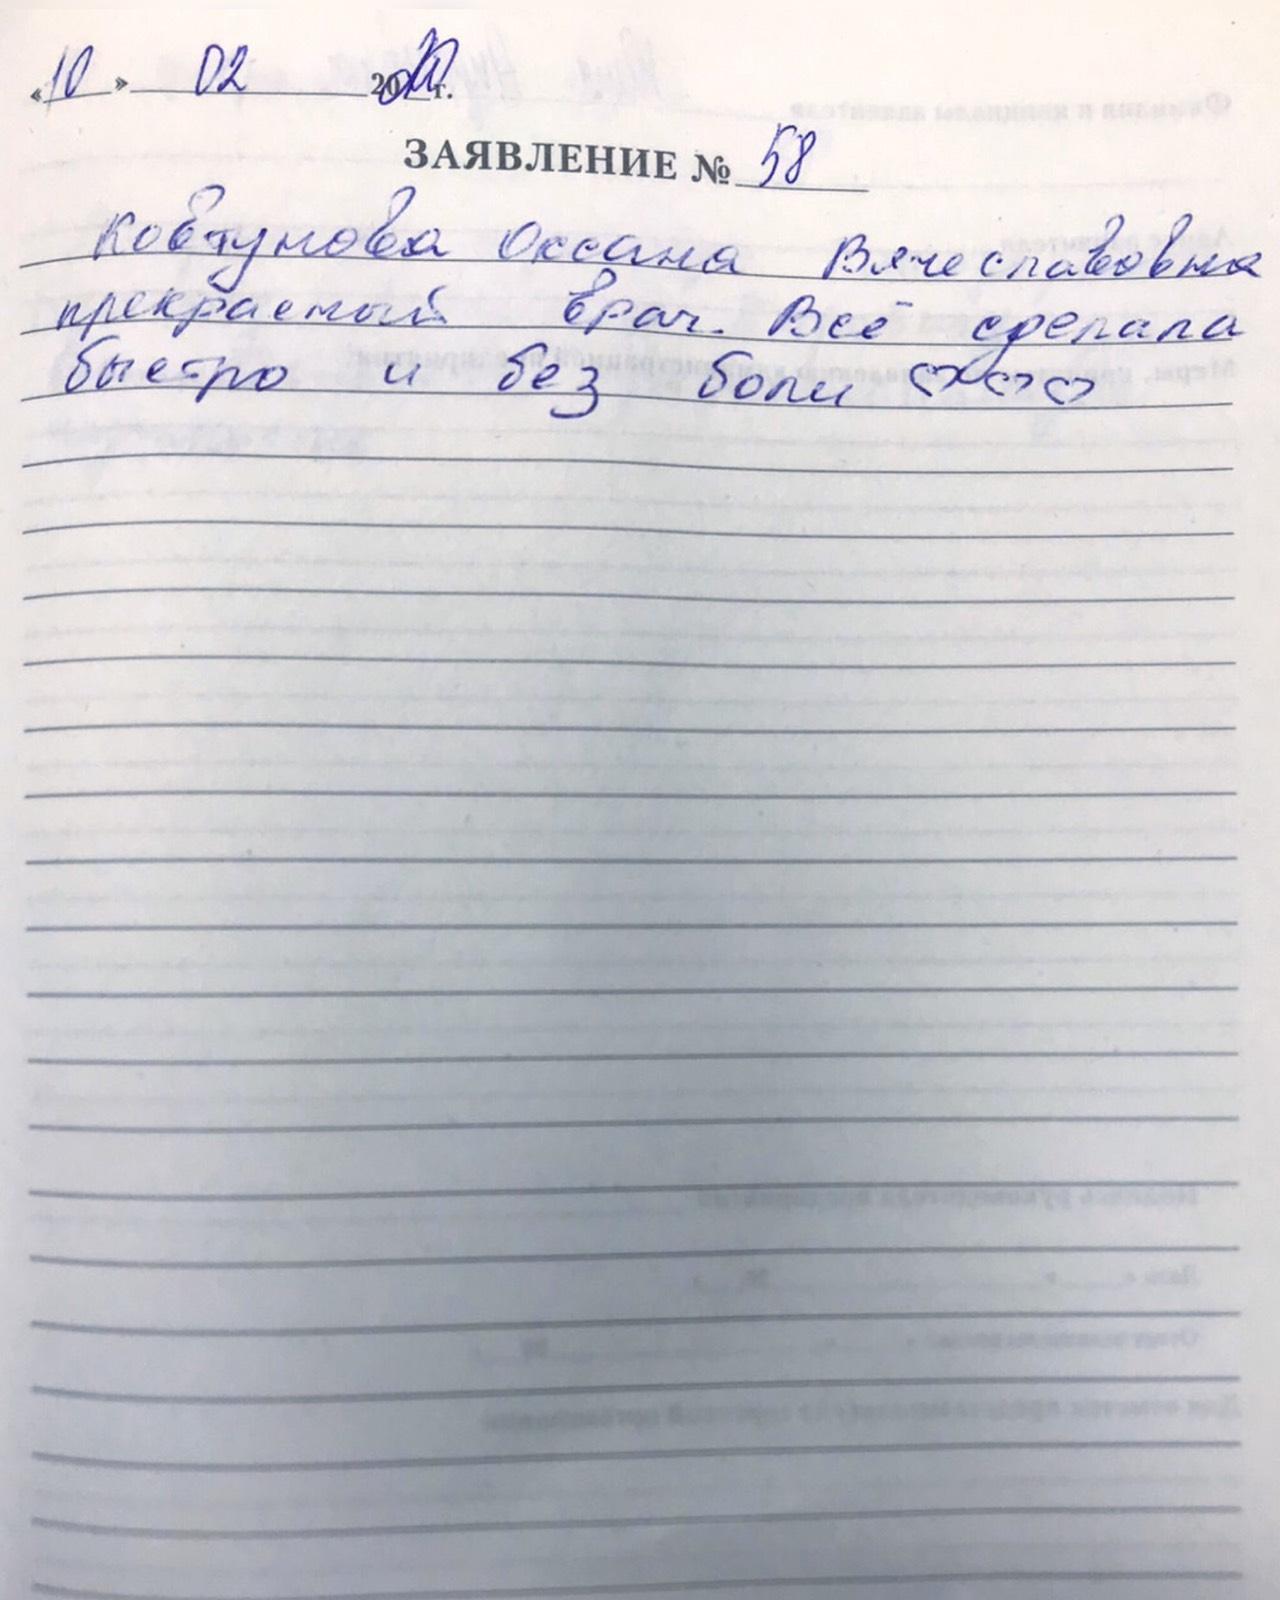 <em>Редактировать Отзыв</em> Юлия Андреевна. Стоматология Фларт